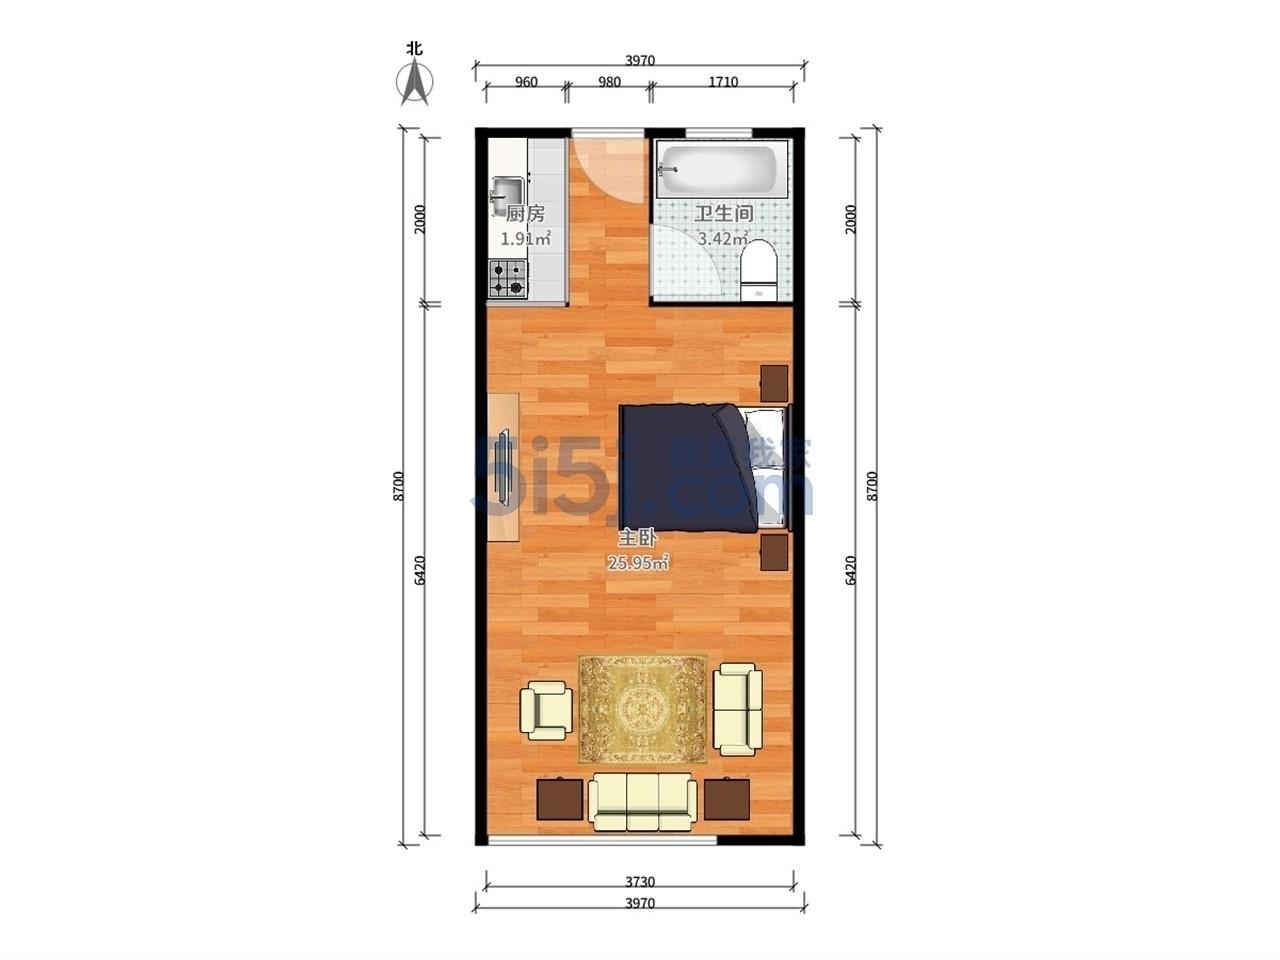 栖霞区仙林赛世香樟园1室1厅户型图